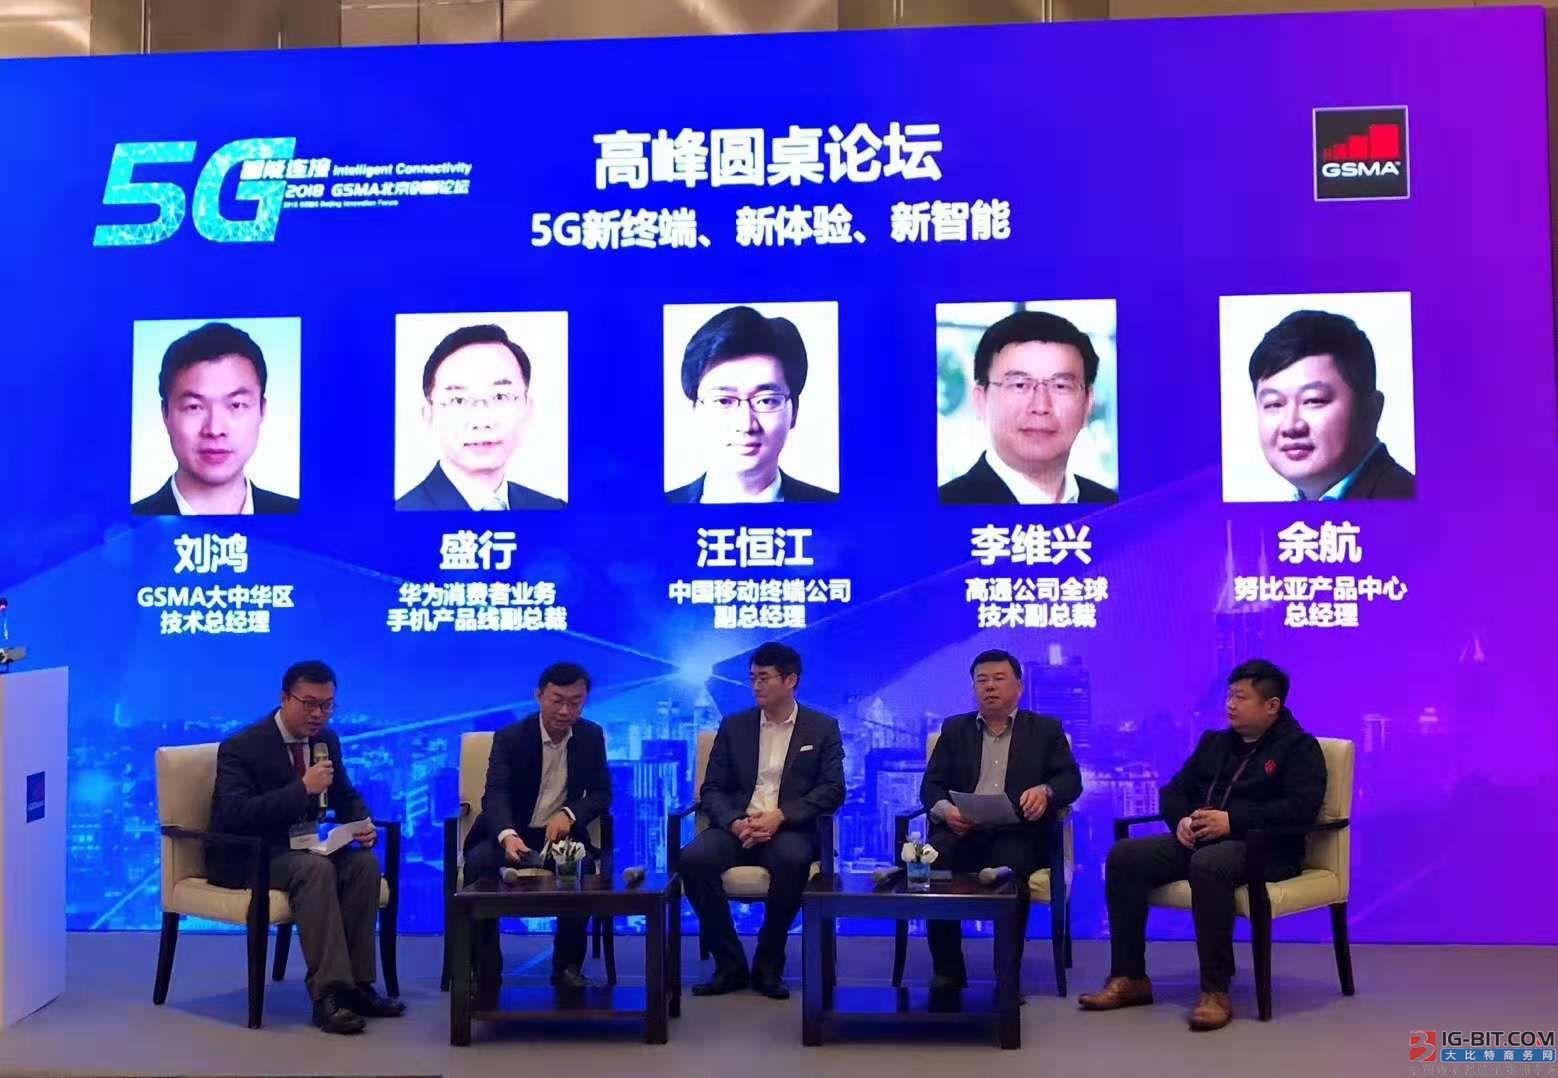 高通李维兴:5G推动终端侧的人工智能发展